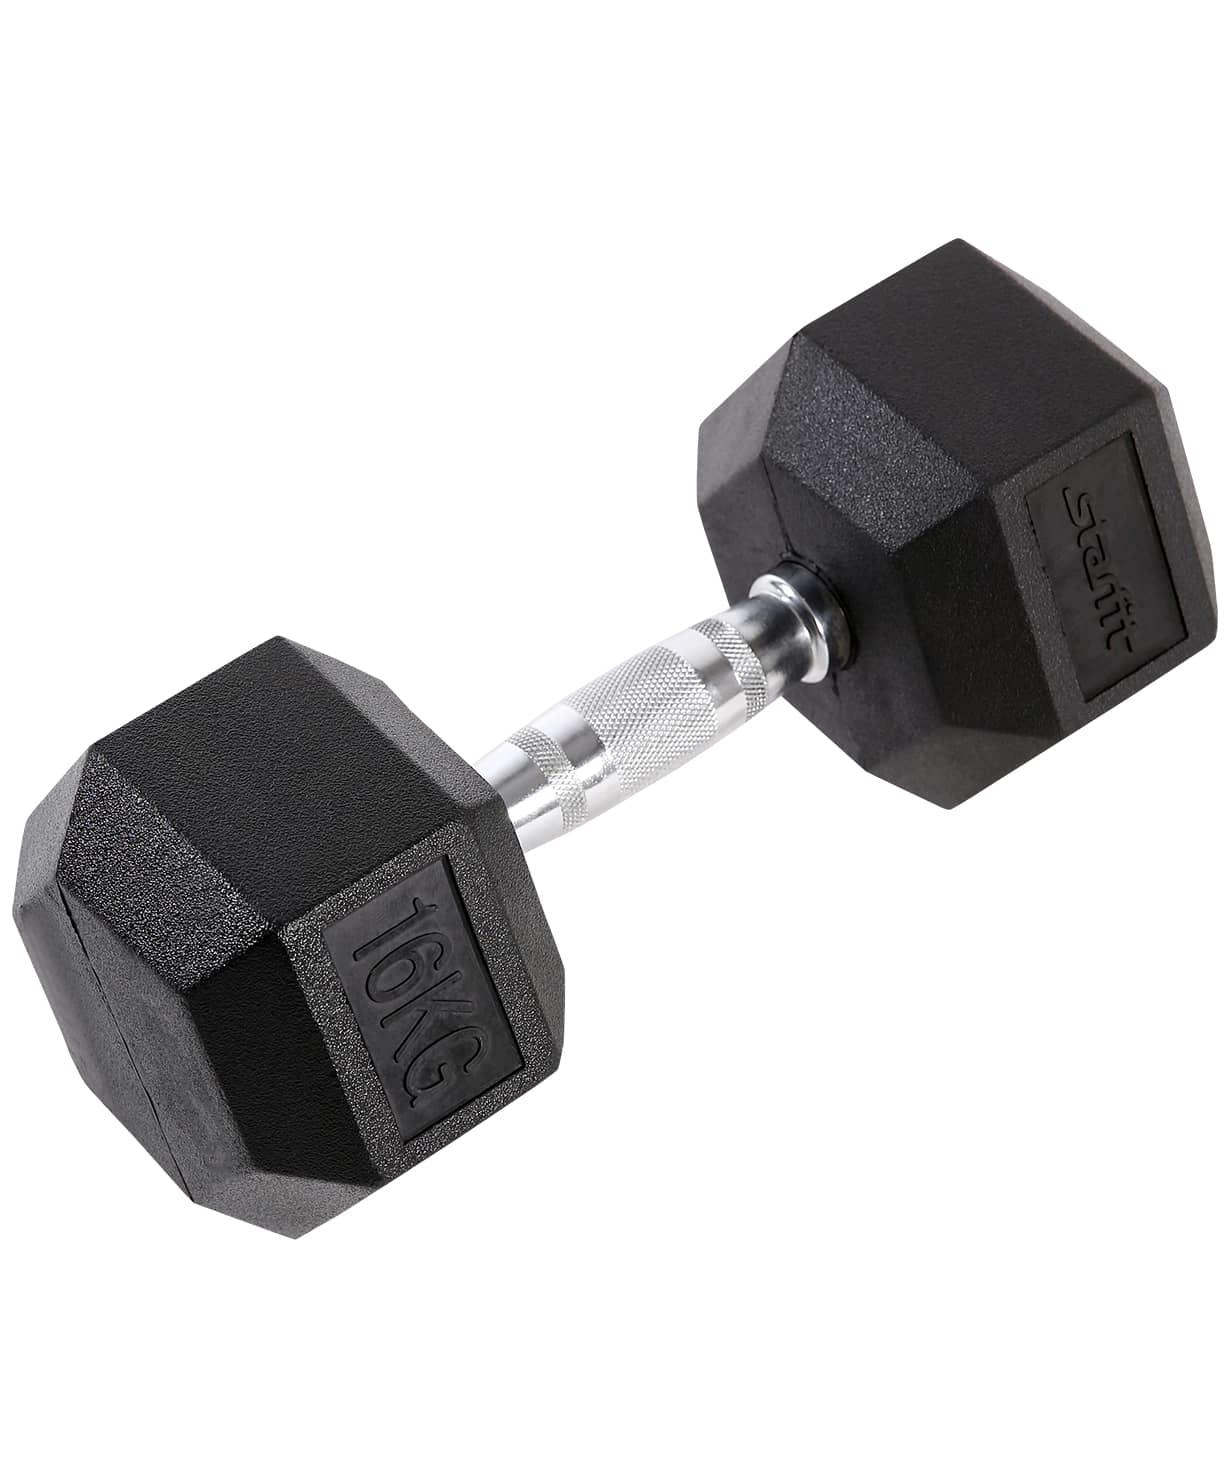 Гантель обрезиненная DB-301 16 кг, черная